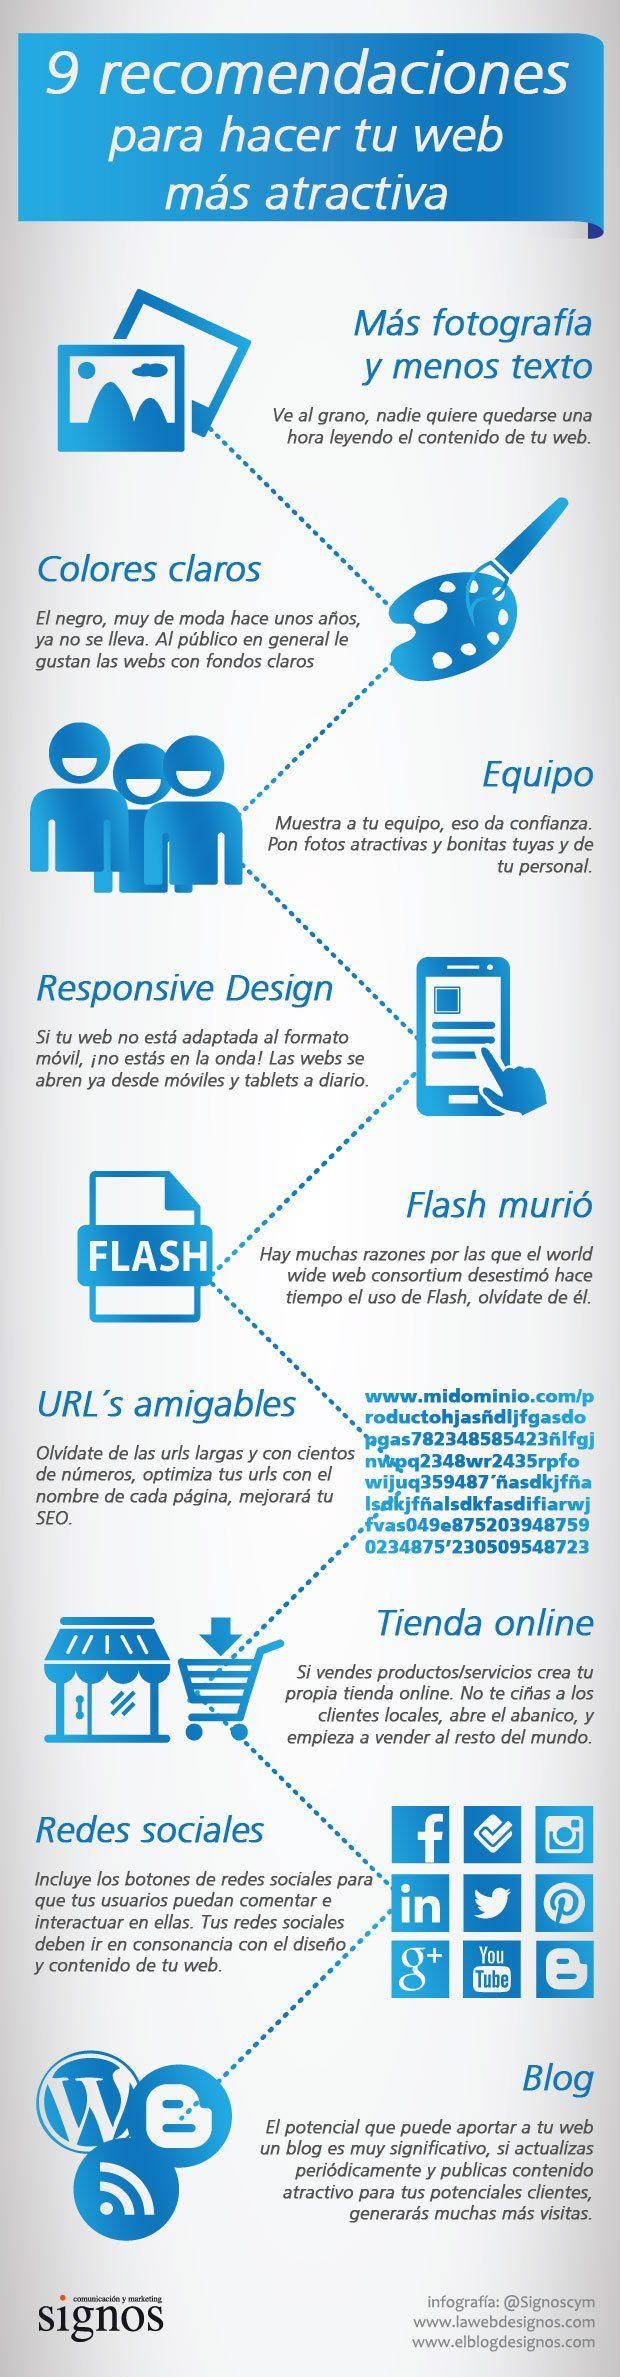 9 recomendaciones para hacer tu web más atractivo #infografia #infographic #marketing